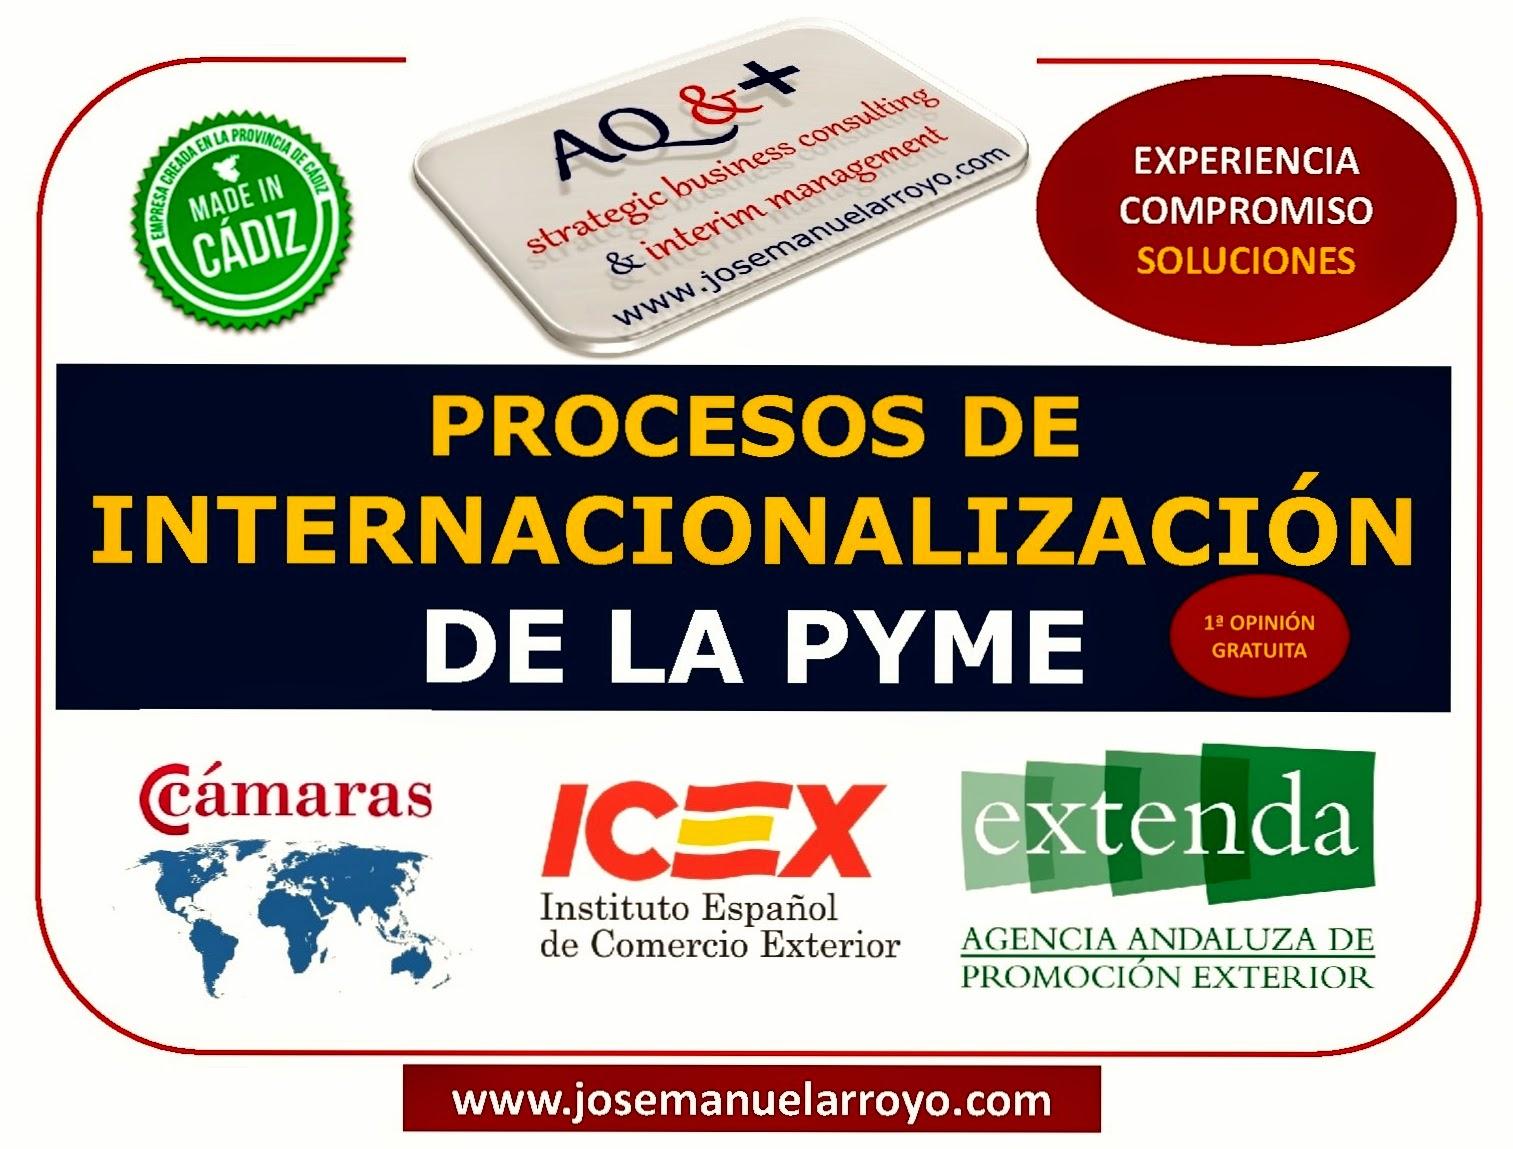 PROCESOS DE INTERNACIONALIZACIÓN DE LA PYME